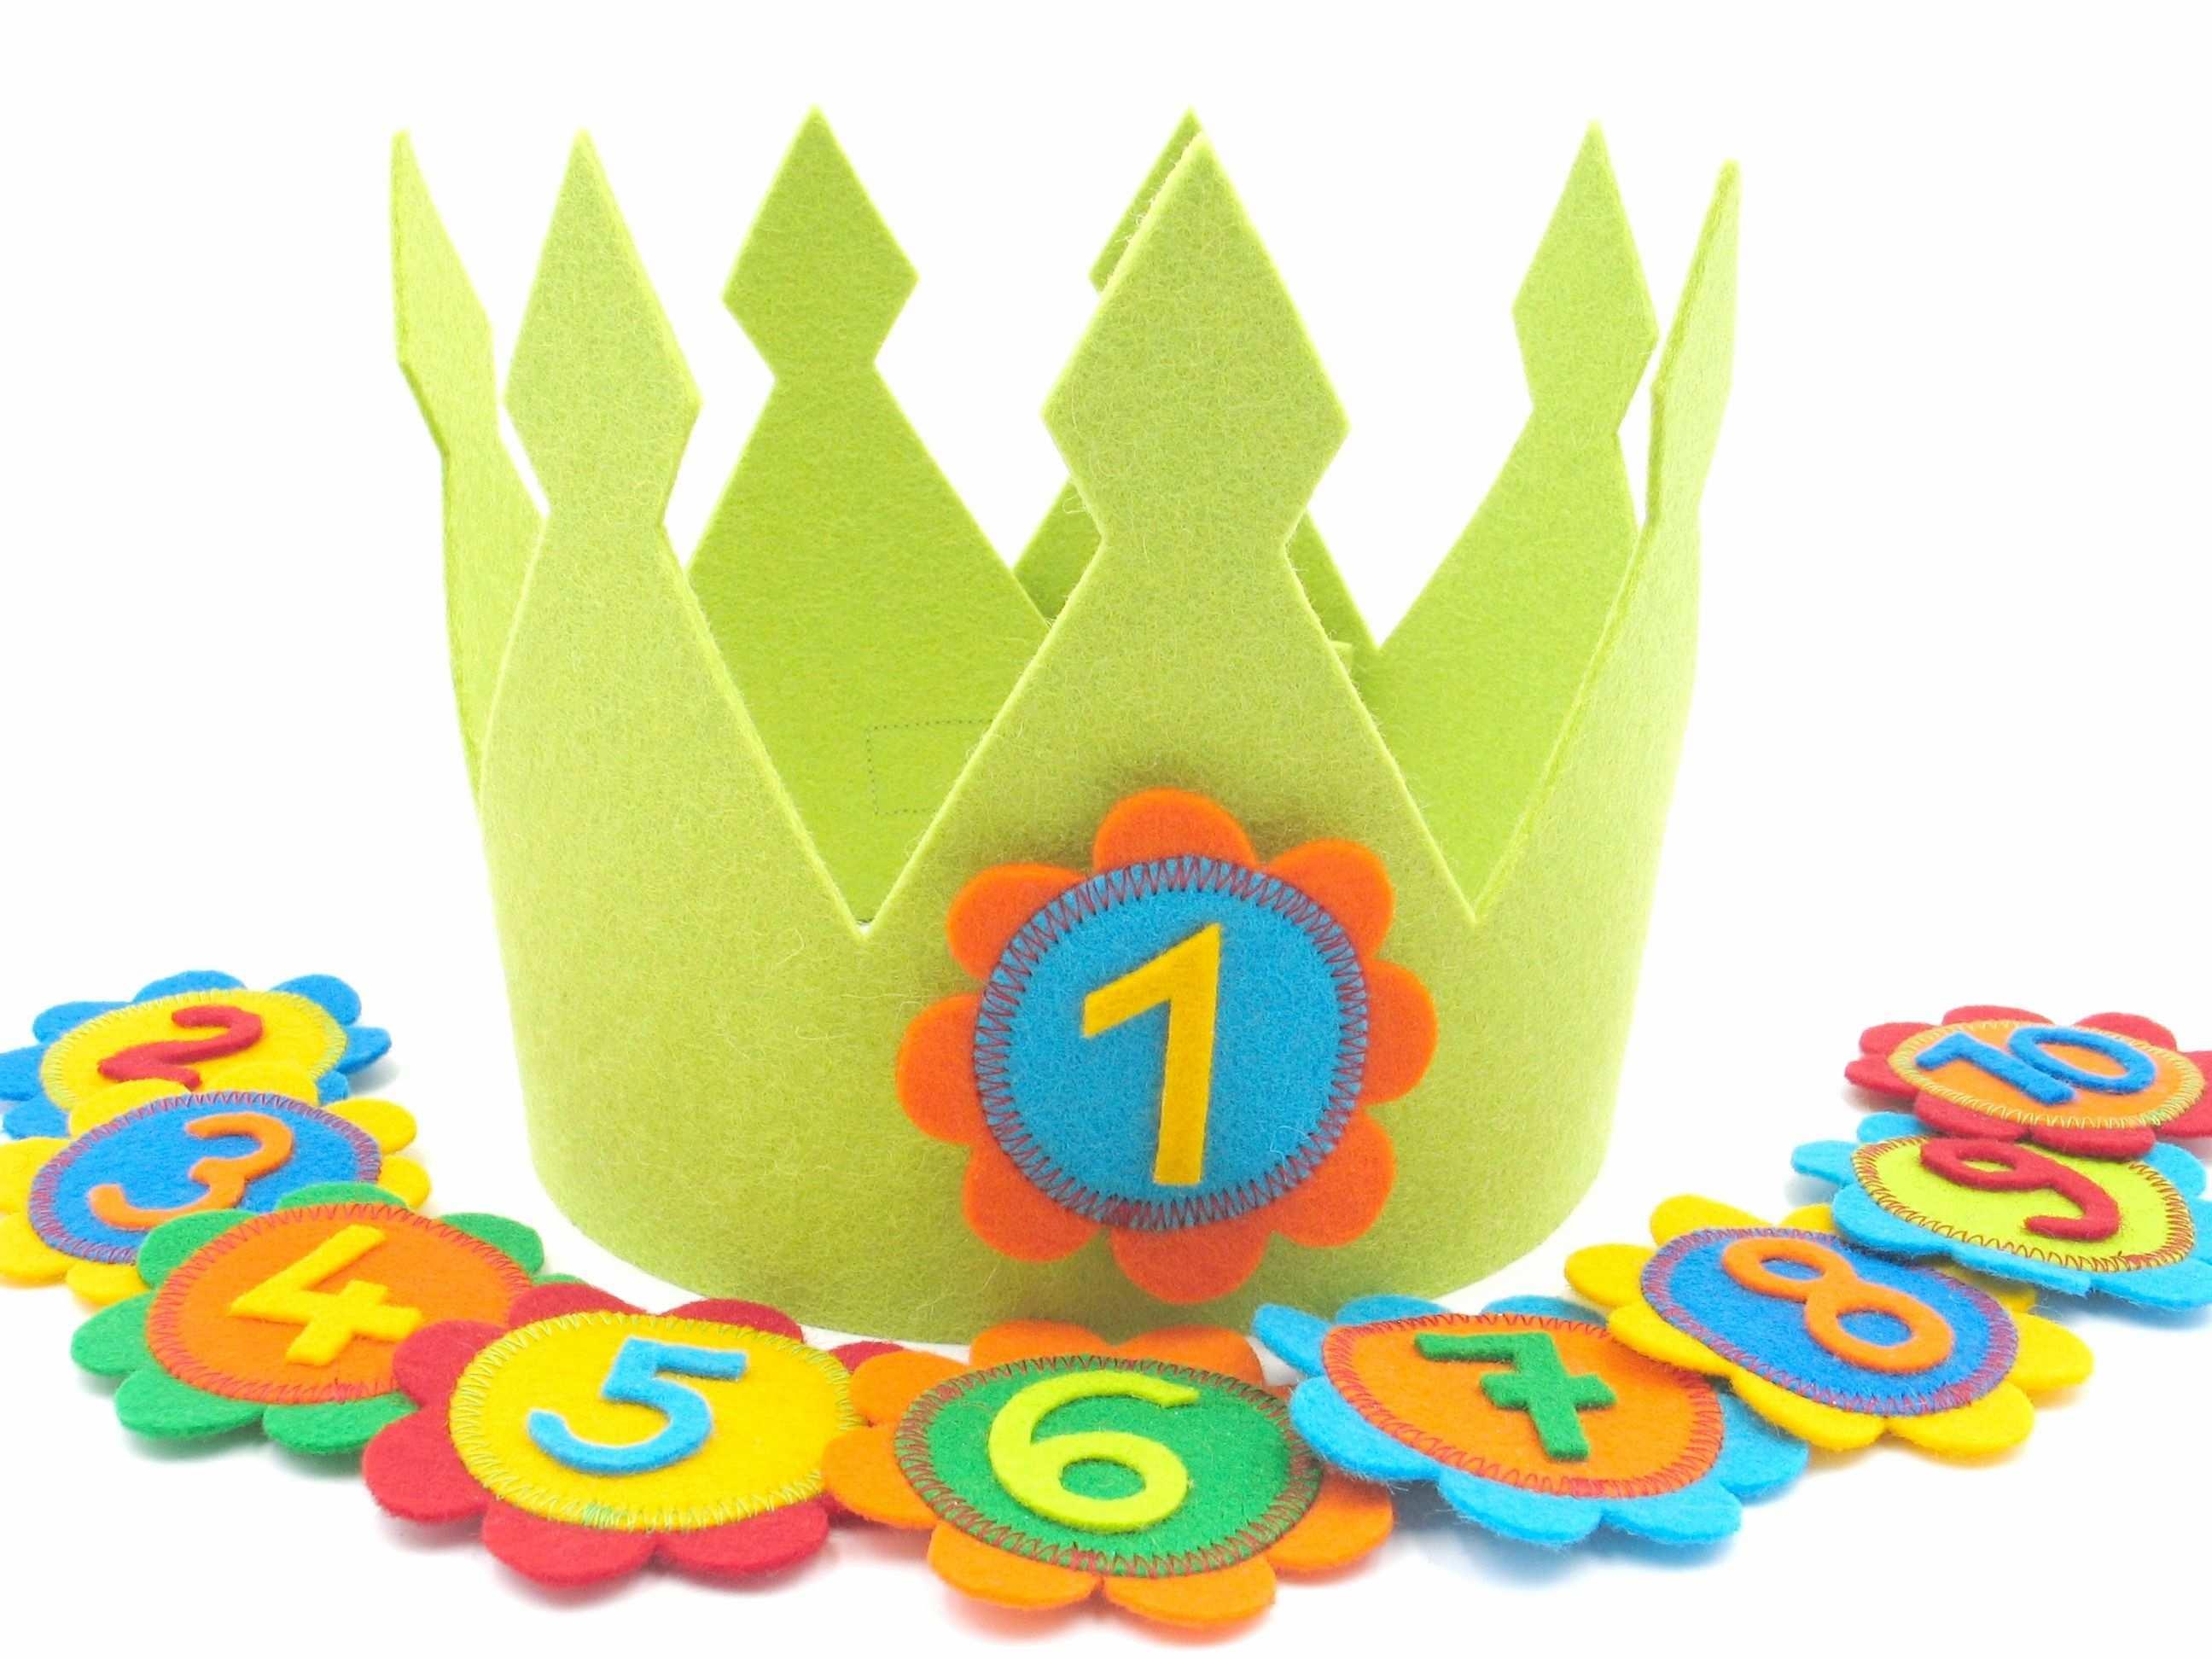 Geburtstagskrone Mit Austauschbaren Zahlen In Blumenform Geburtstagskrone Geburtstagskrone Basteln Filz Krone